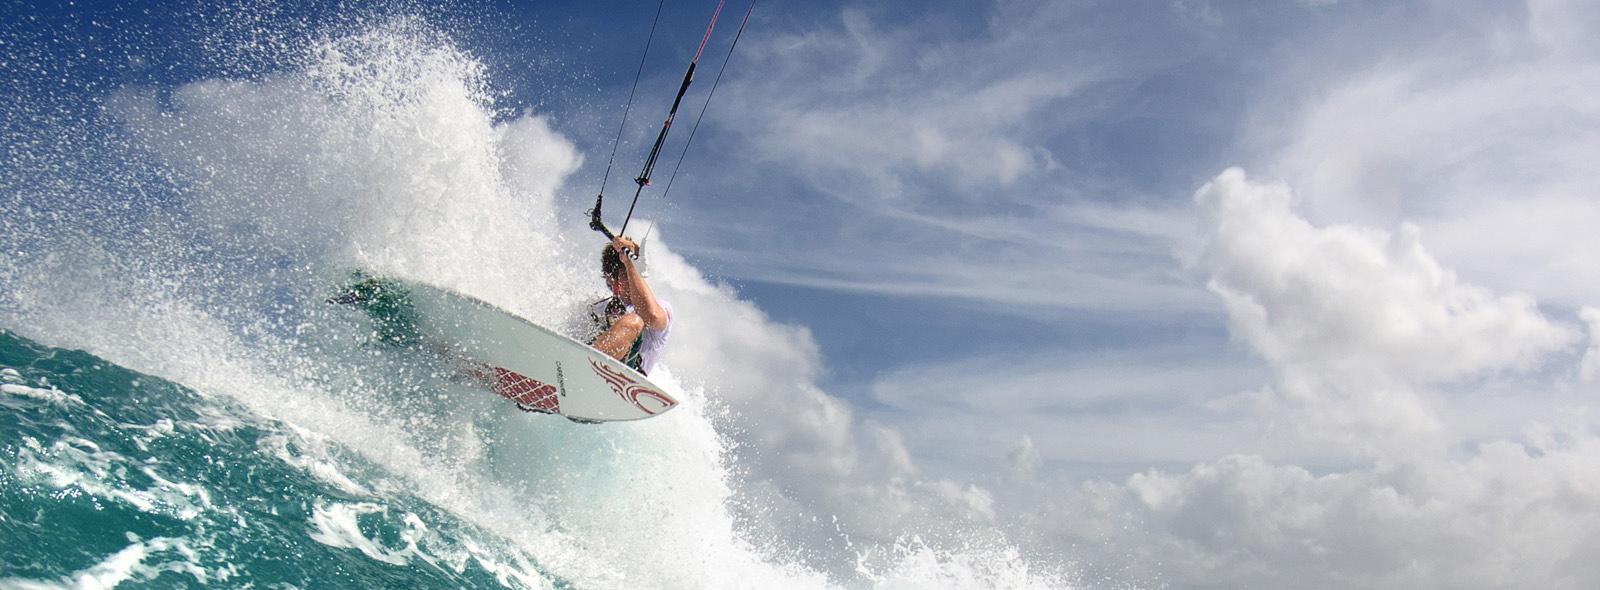 kitesurfing usato